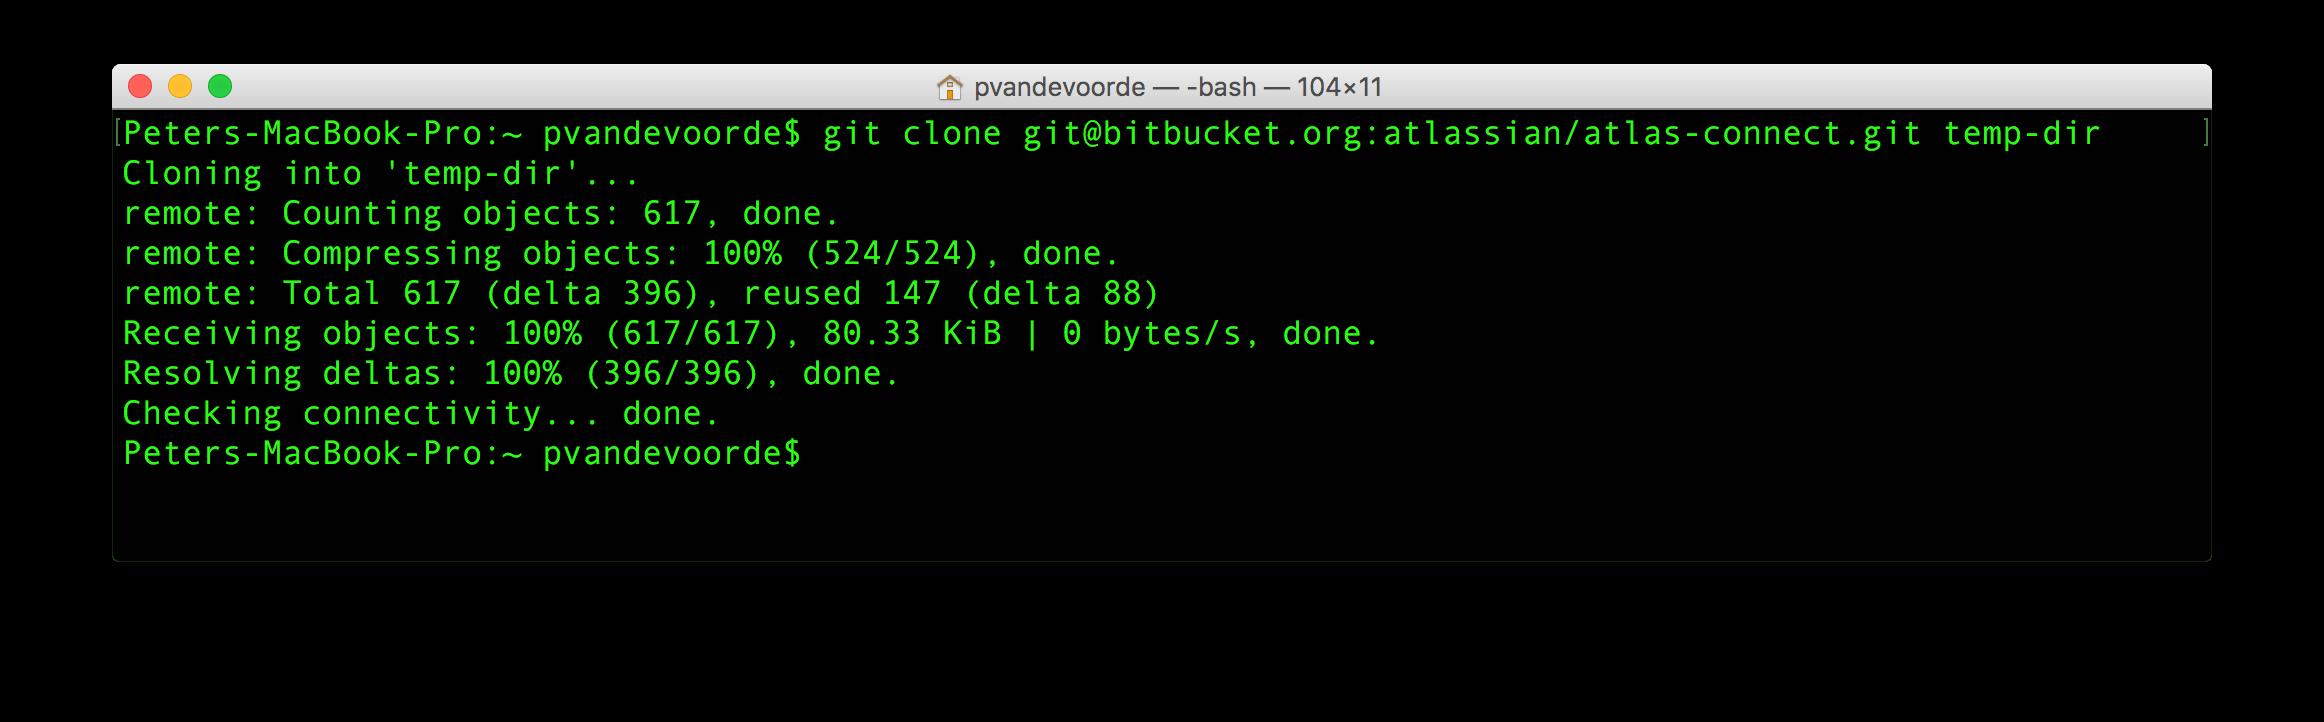 clone ori repository